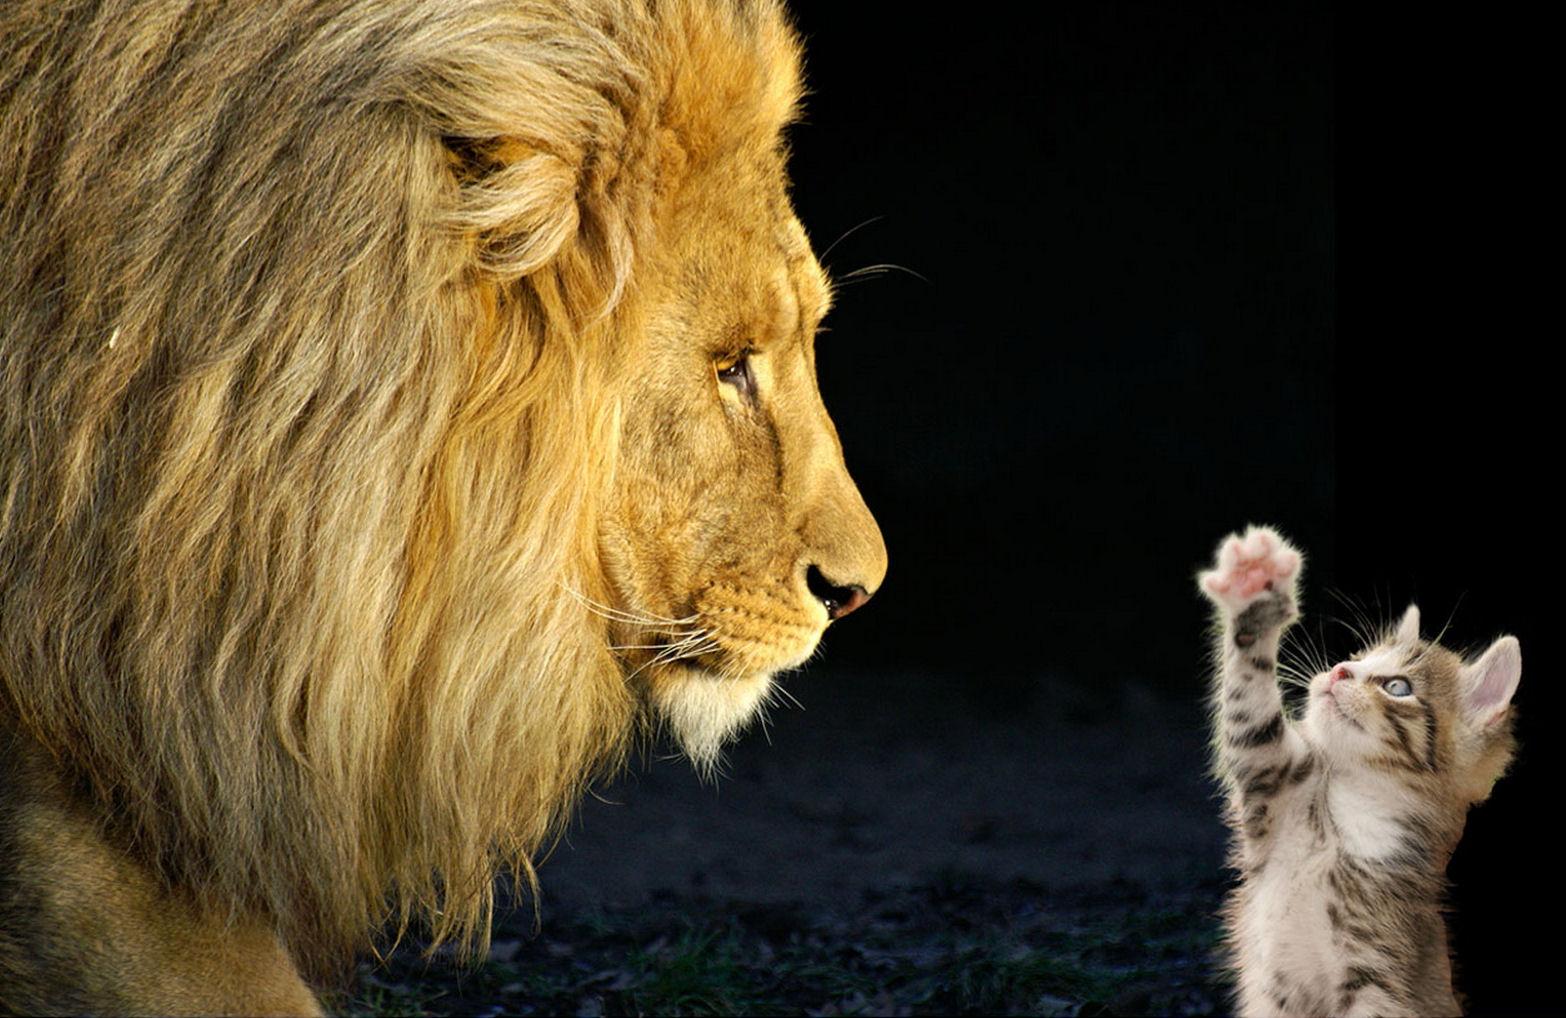 Animales Divertidos Fotos y Vectores gratis Freepik - fotos de animales divertidos